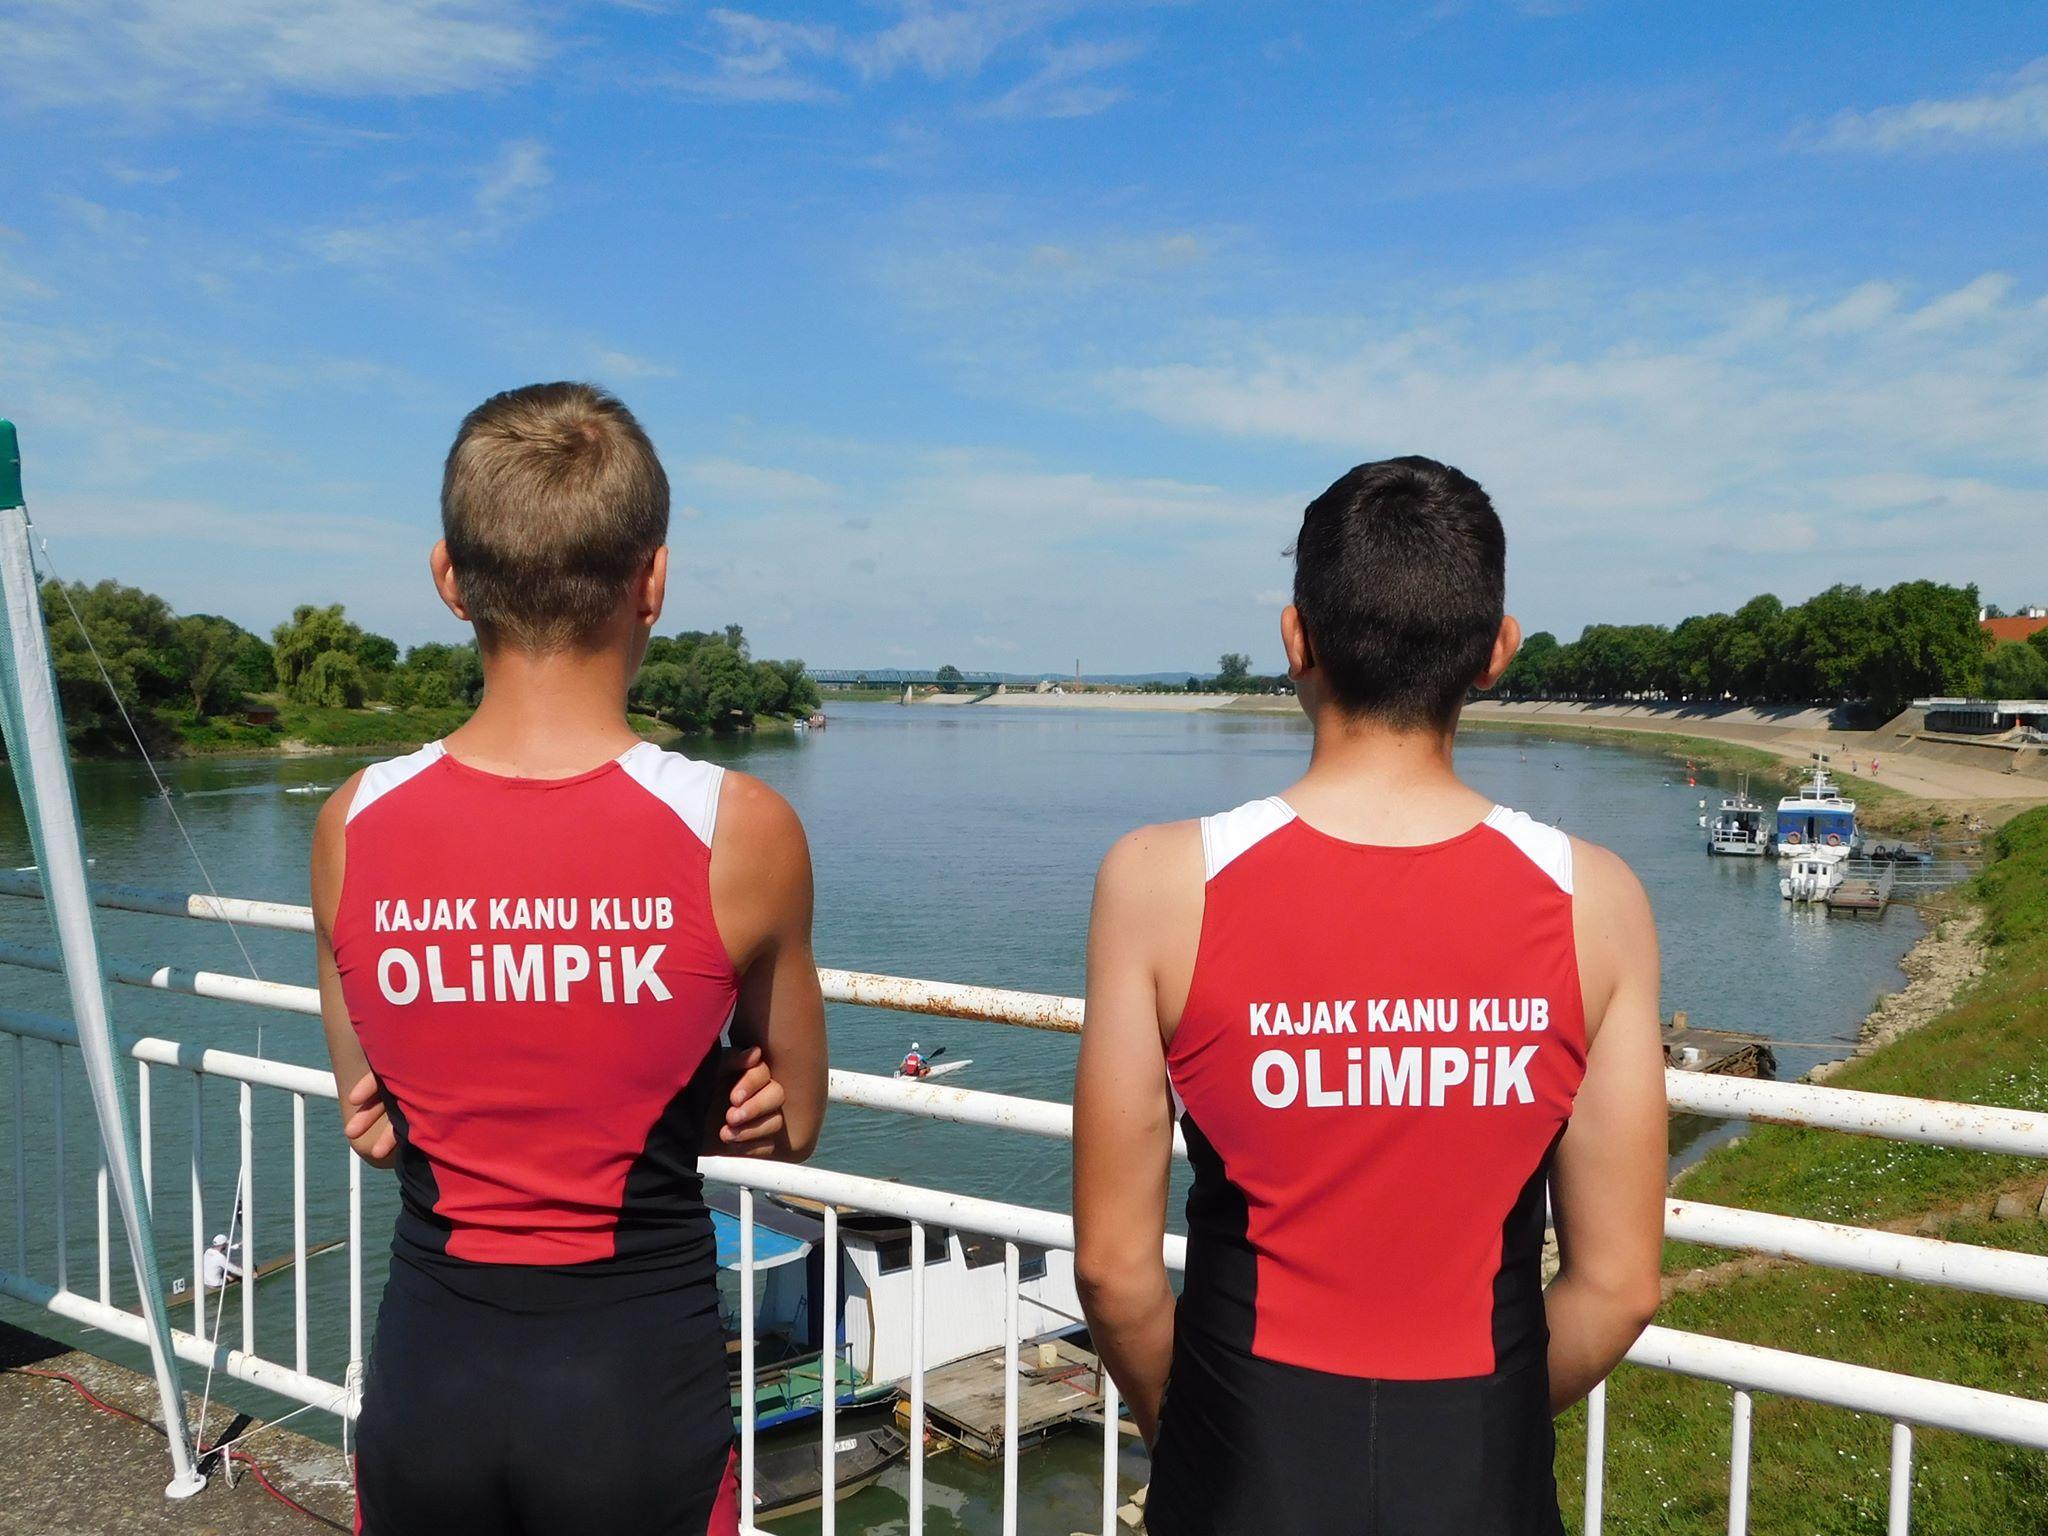 Veliki dan za naš grad: Danas se u Slavonskom Brodu održava Prvenstvo Hrvatske u kajak i kanu maratonu